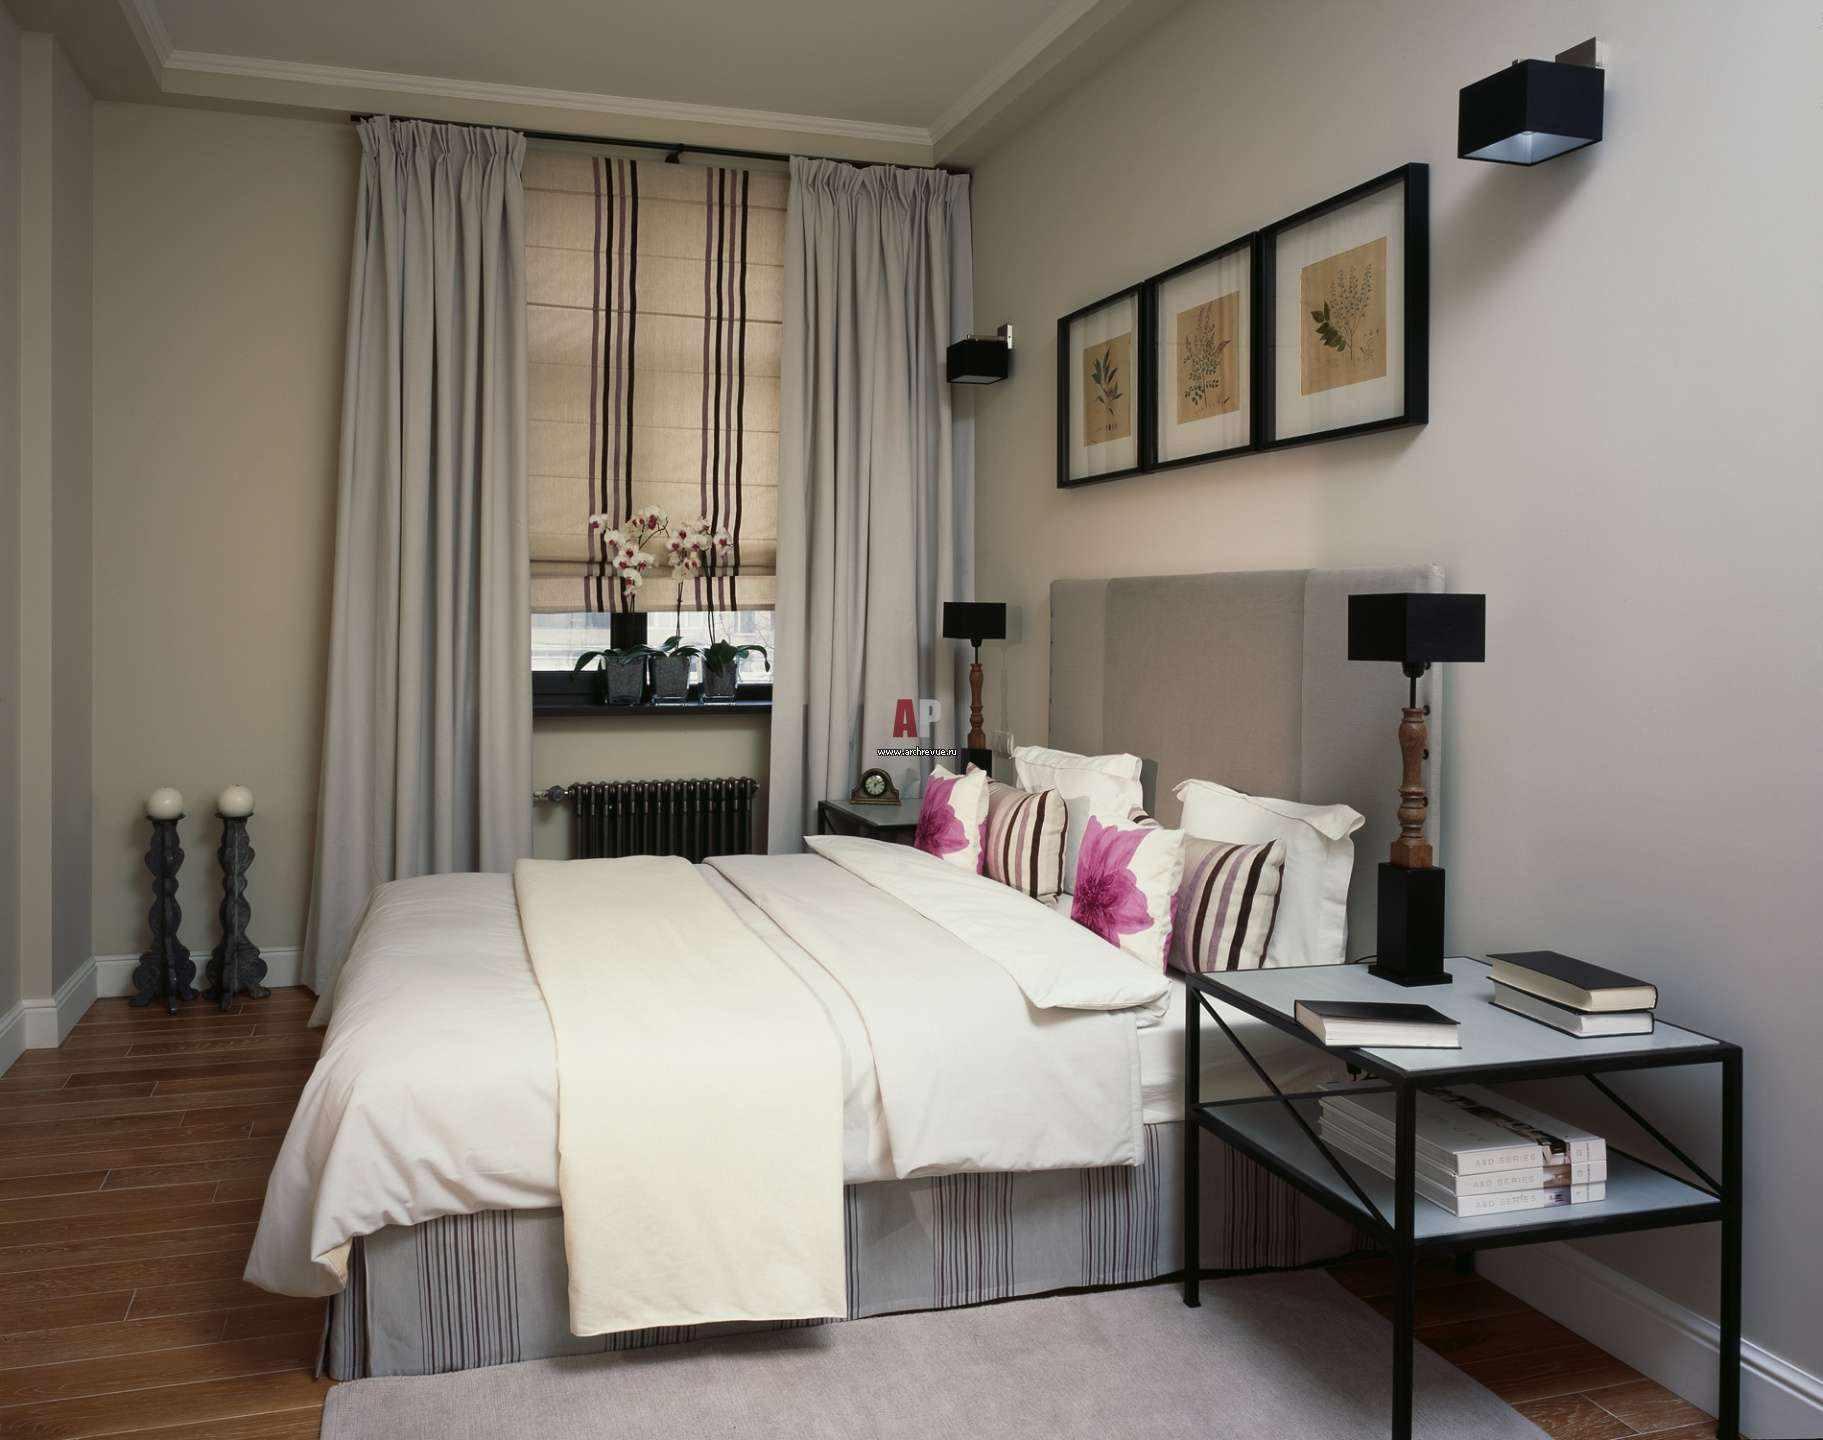 вариант красивого интерьера спальной комнаты